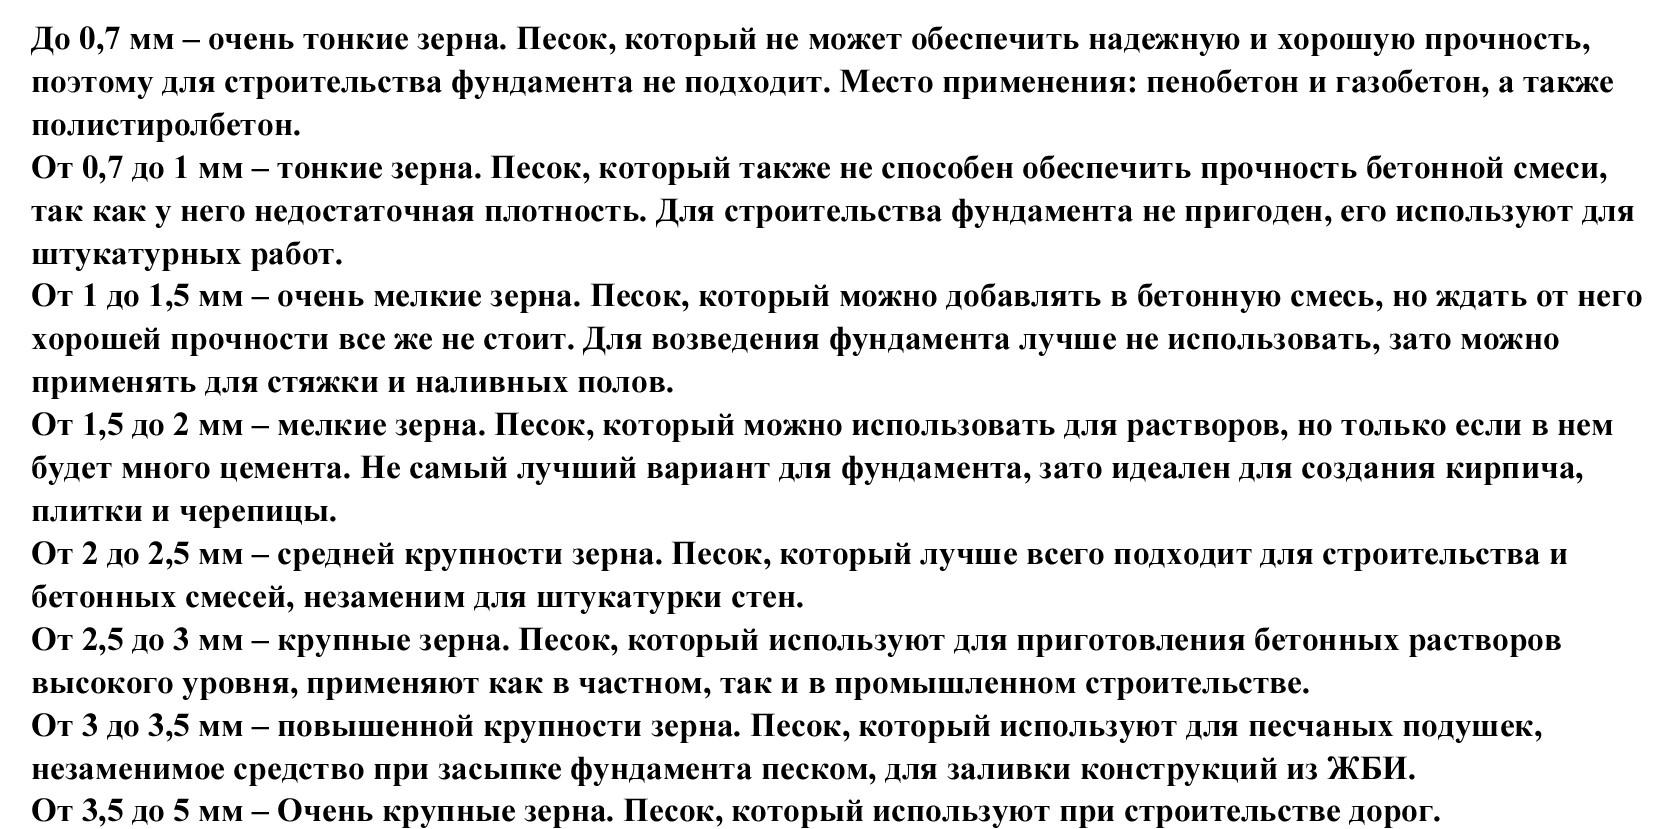 frakcii-peska-moskva